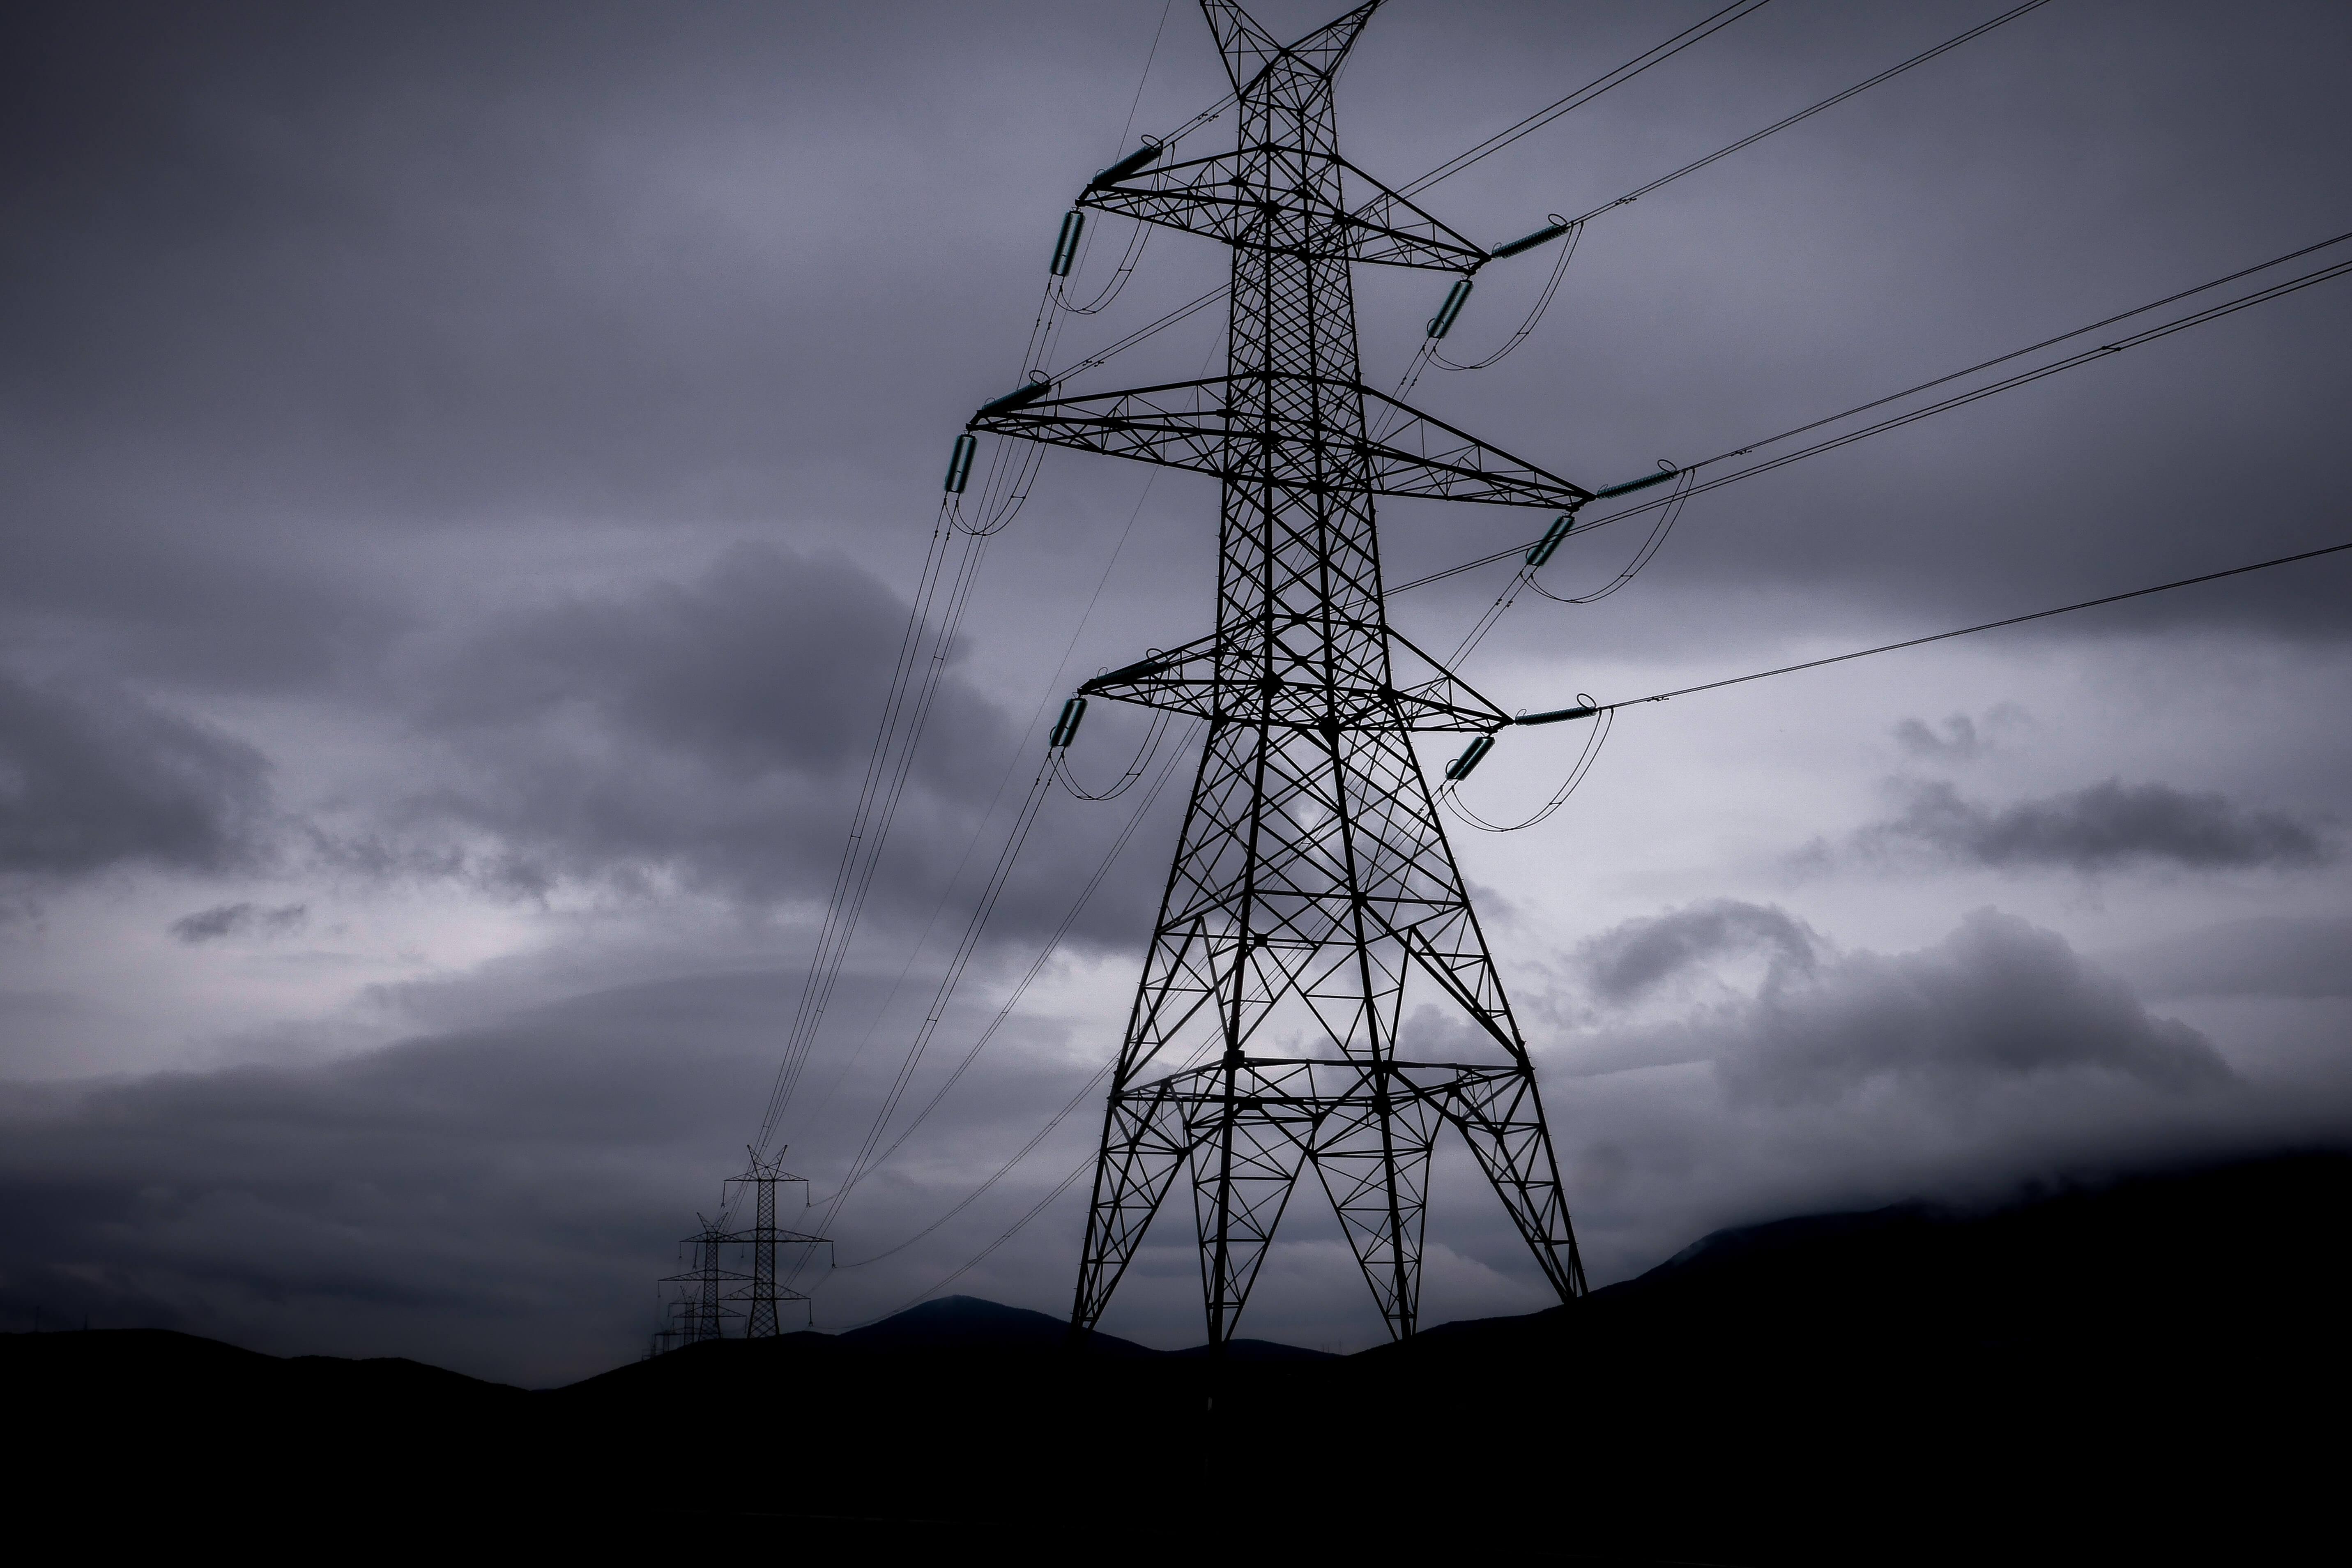 Νέα διακοπή ρεύματος στις Σποράδες – Η ανακοίνωση του ΔΕΔΔΗΕ